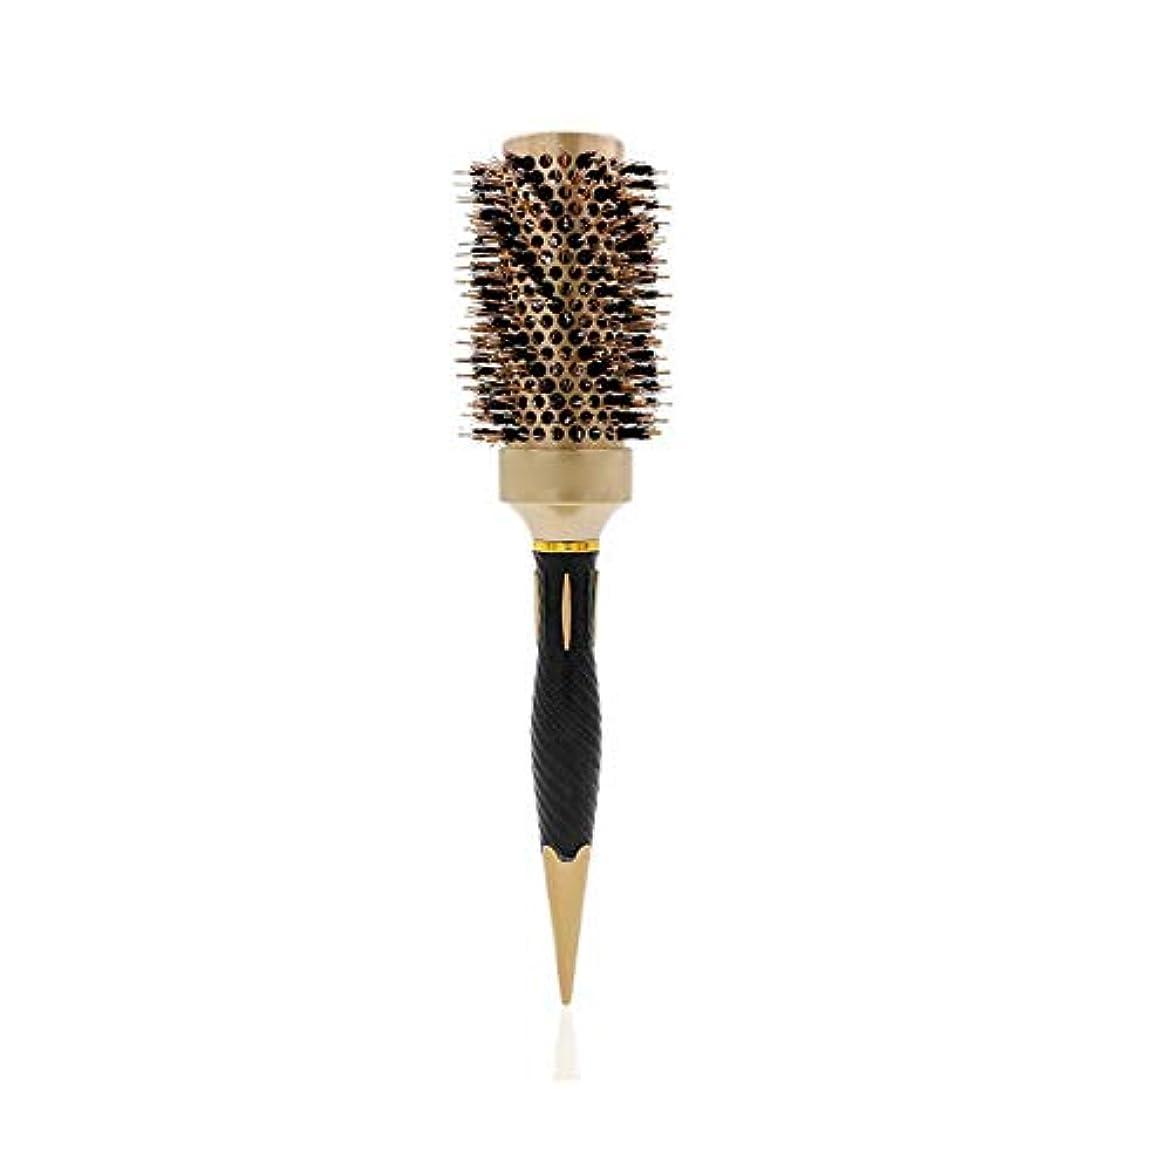 退屈ファランクスフルーツ野菜丸いヘアブラシは、セラミック円筒加熱ローラ櫛サブエアチューブを43ミリメートルヘアサロンヘアドライヤー毛